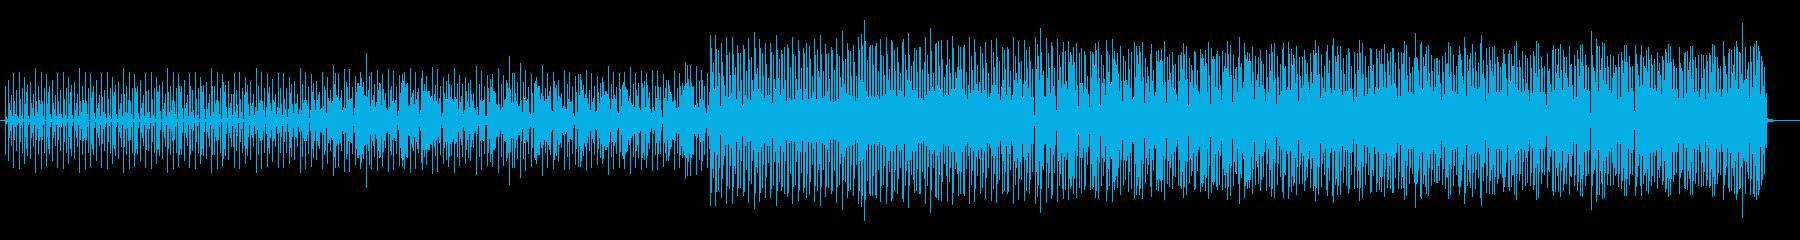 落ち着くテックハウスの再生済みの波形